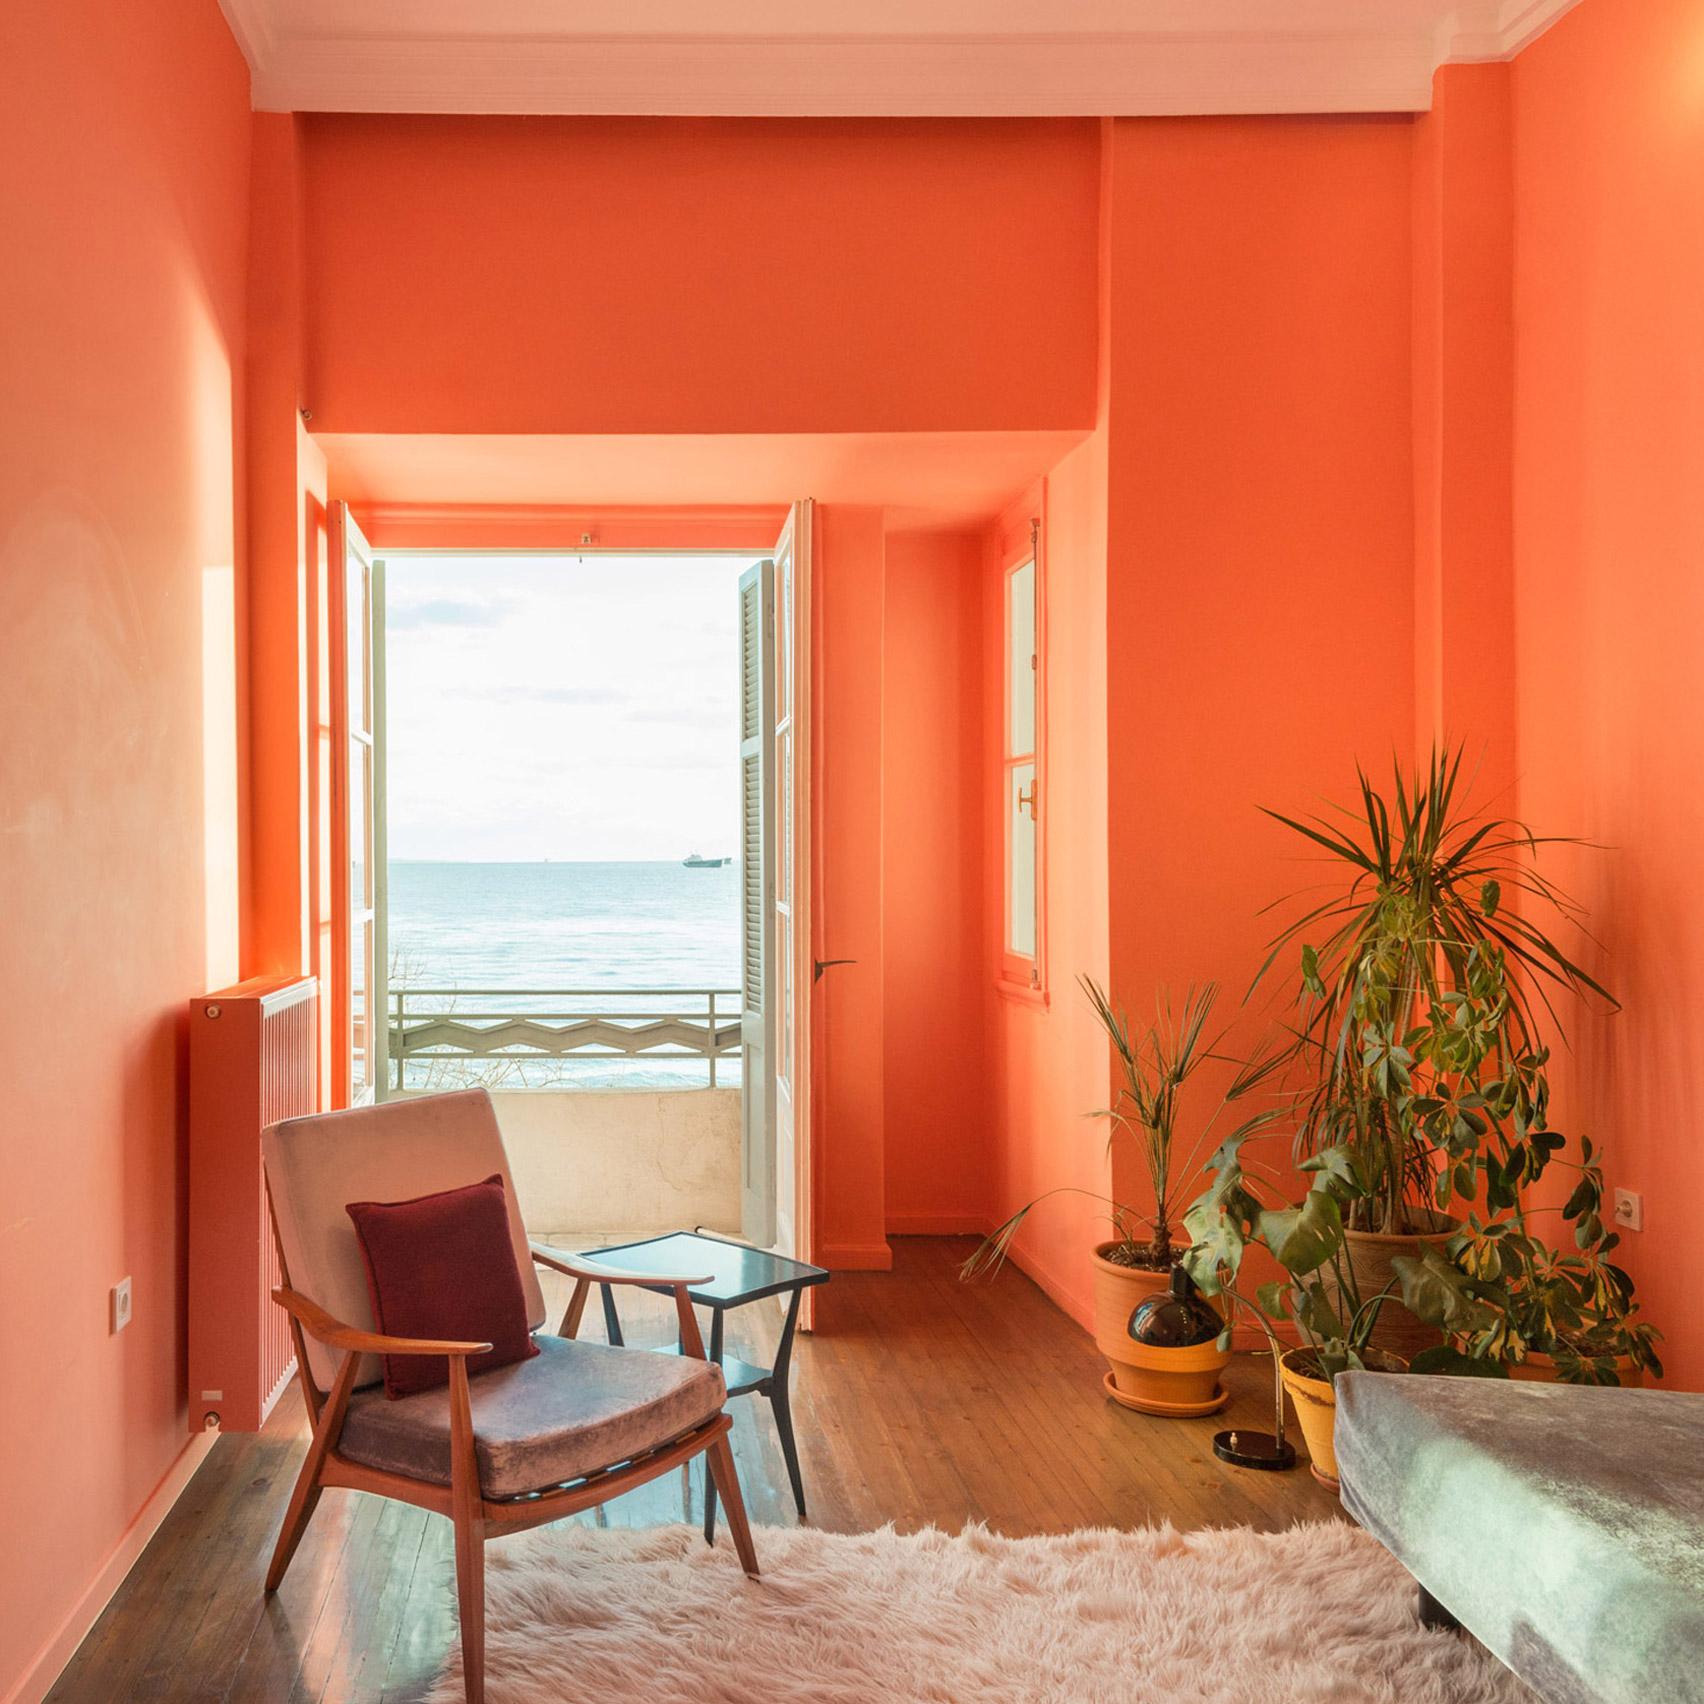 zidovi u boji koralja